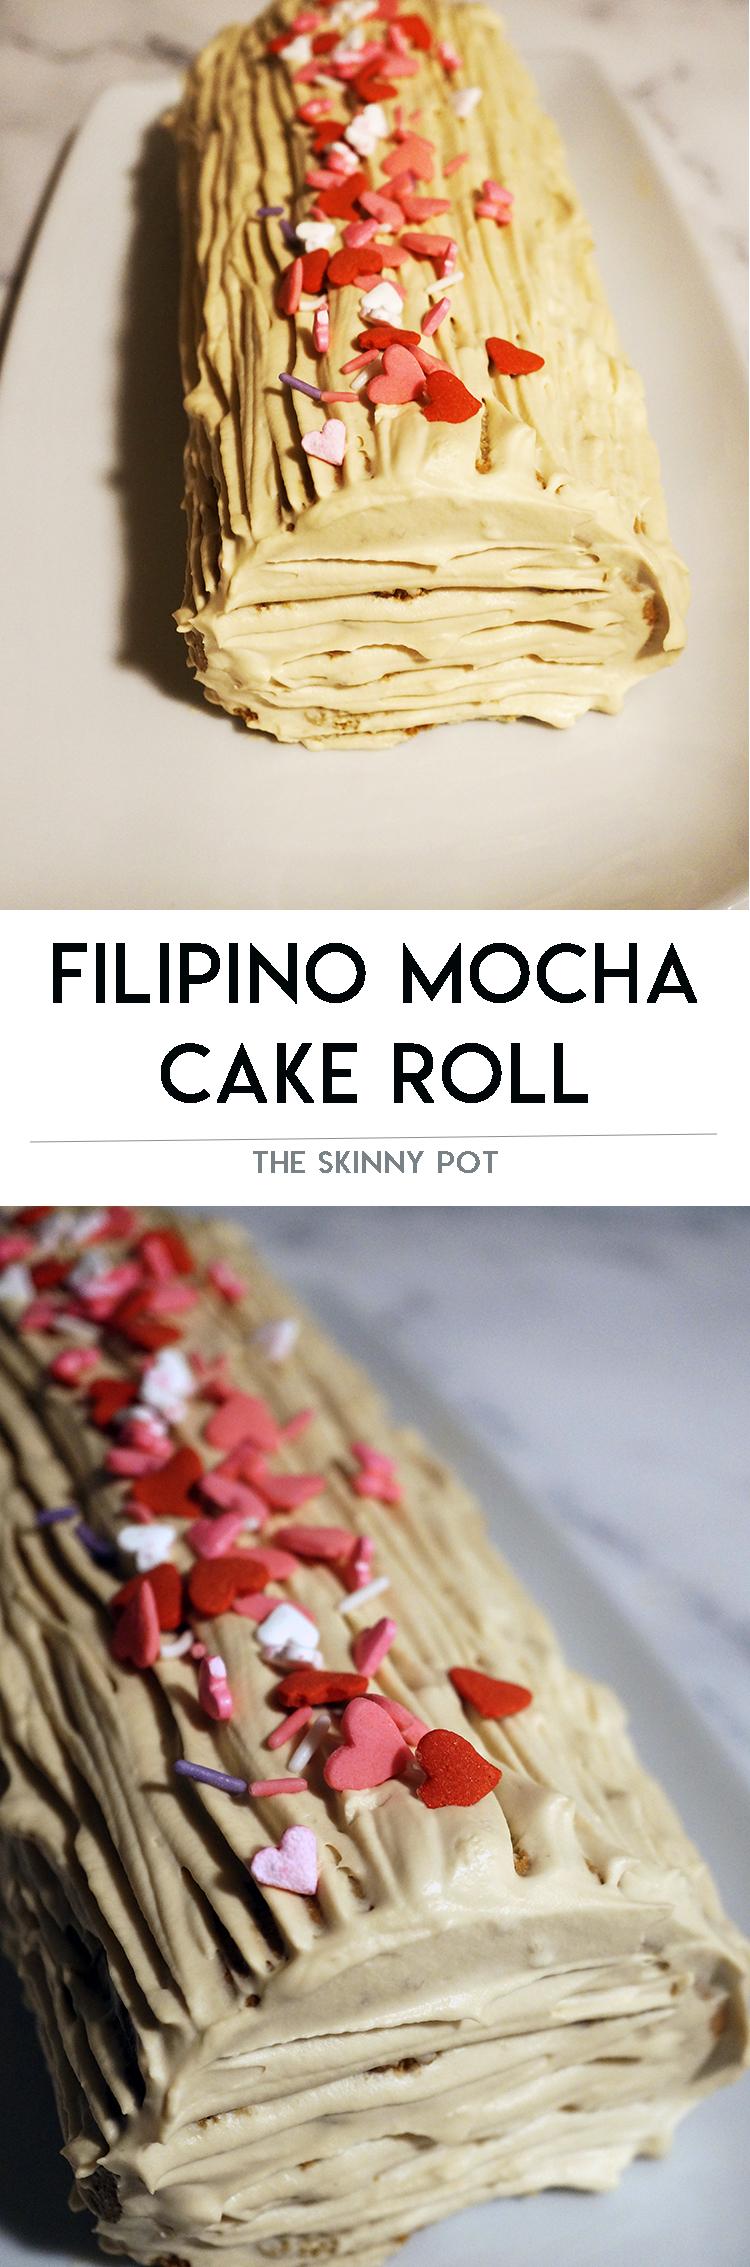 QUICK WAY TO MAKE FILIPINO STYLE MOCHA CAKE ROLL